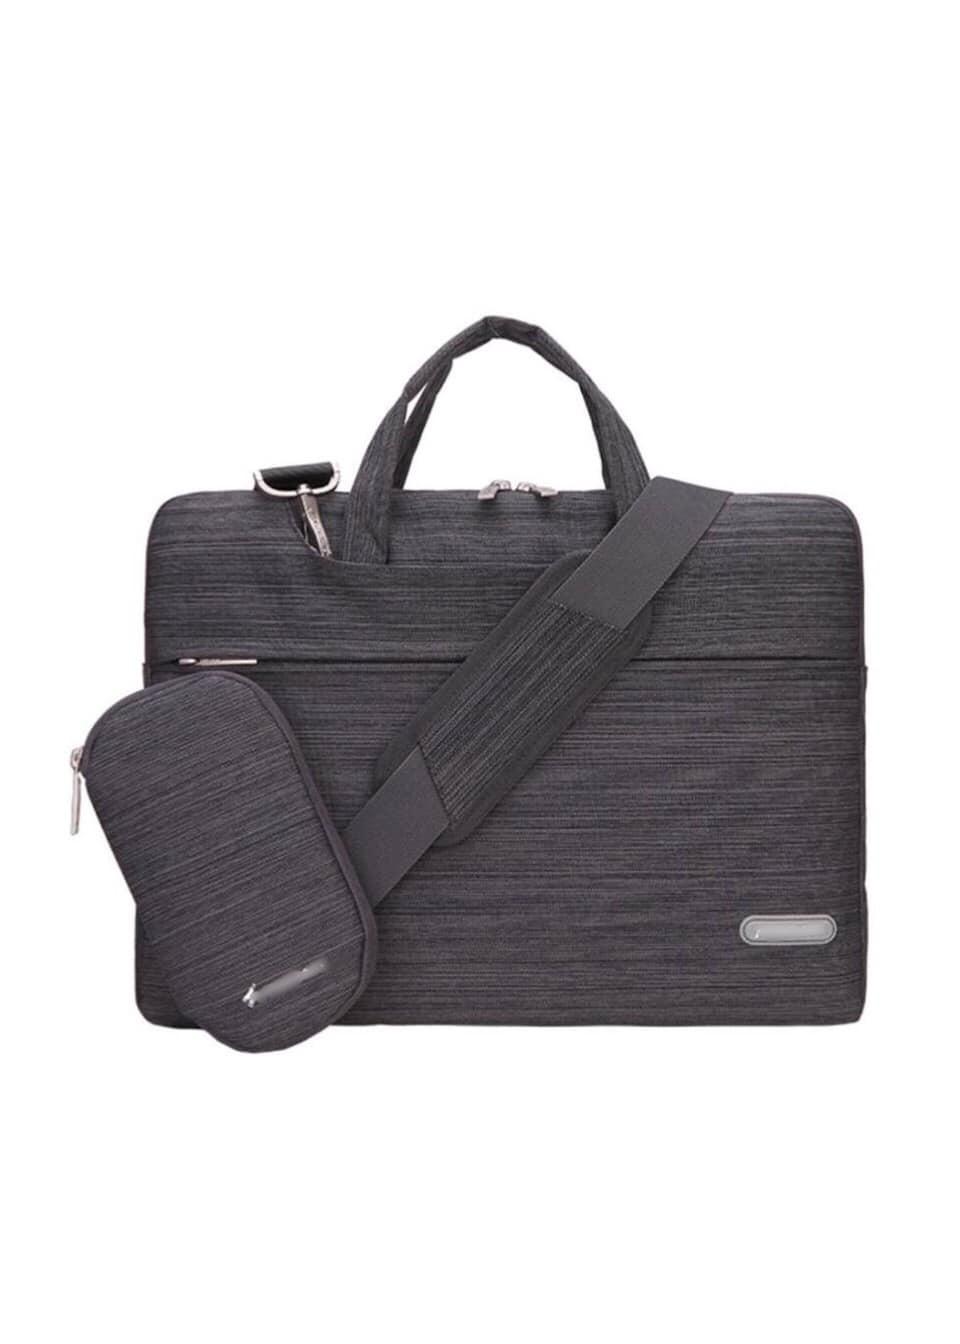 Combo túi đeo chống sốc cho macbook, laptop, surface tặng kèm ví đựng phụ kiện - 16549252 , 7500369224039 , 62_26083926 , 380000 , Combo-tui-deo-chong-soc-cho-macbook-laptop-surface-tang-kem-vi-dung-phu-kien-62_26083926 , tiki.vn , Combo túi đeo chống sốc cho macbook, laptop, surface tặng kèm ví đựng phụ kiện